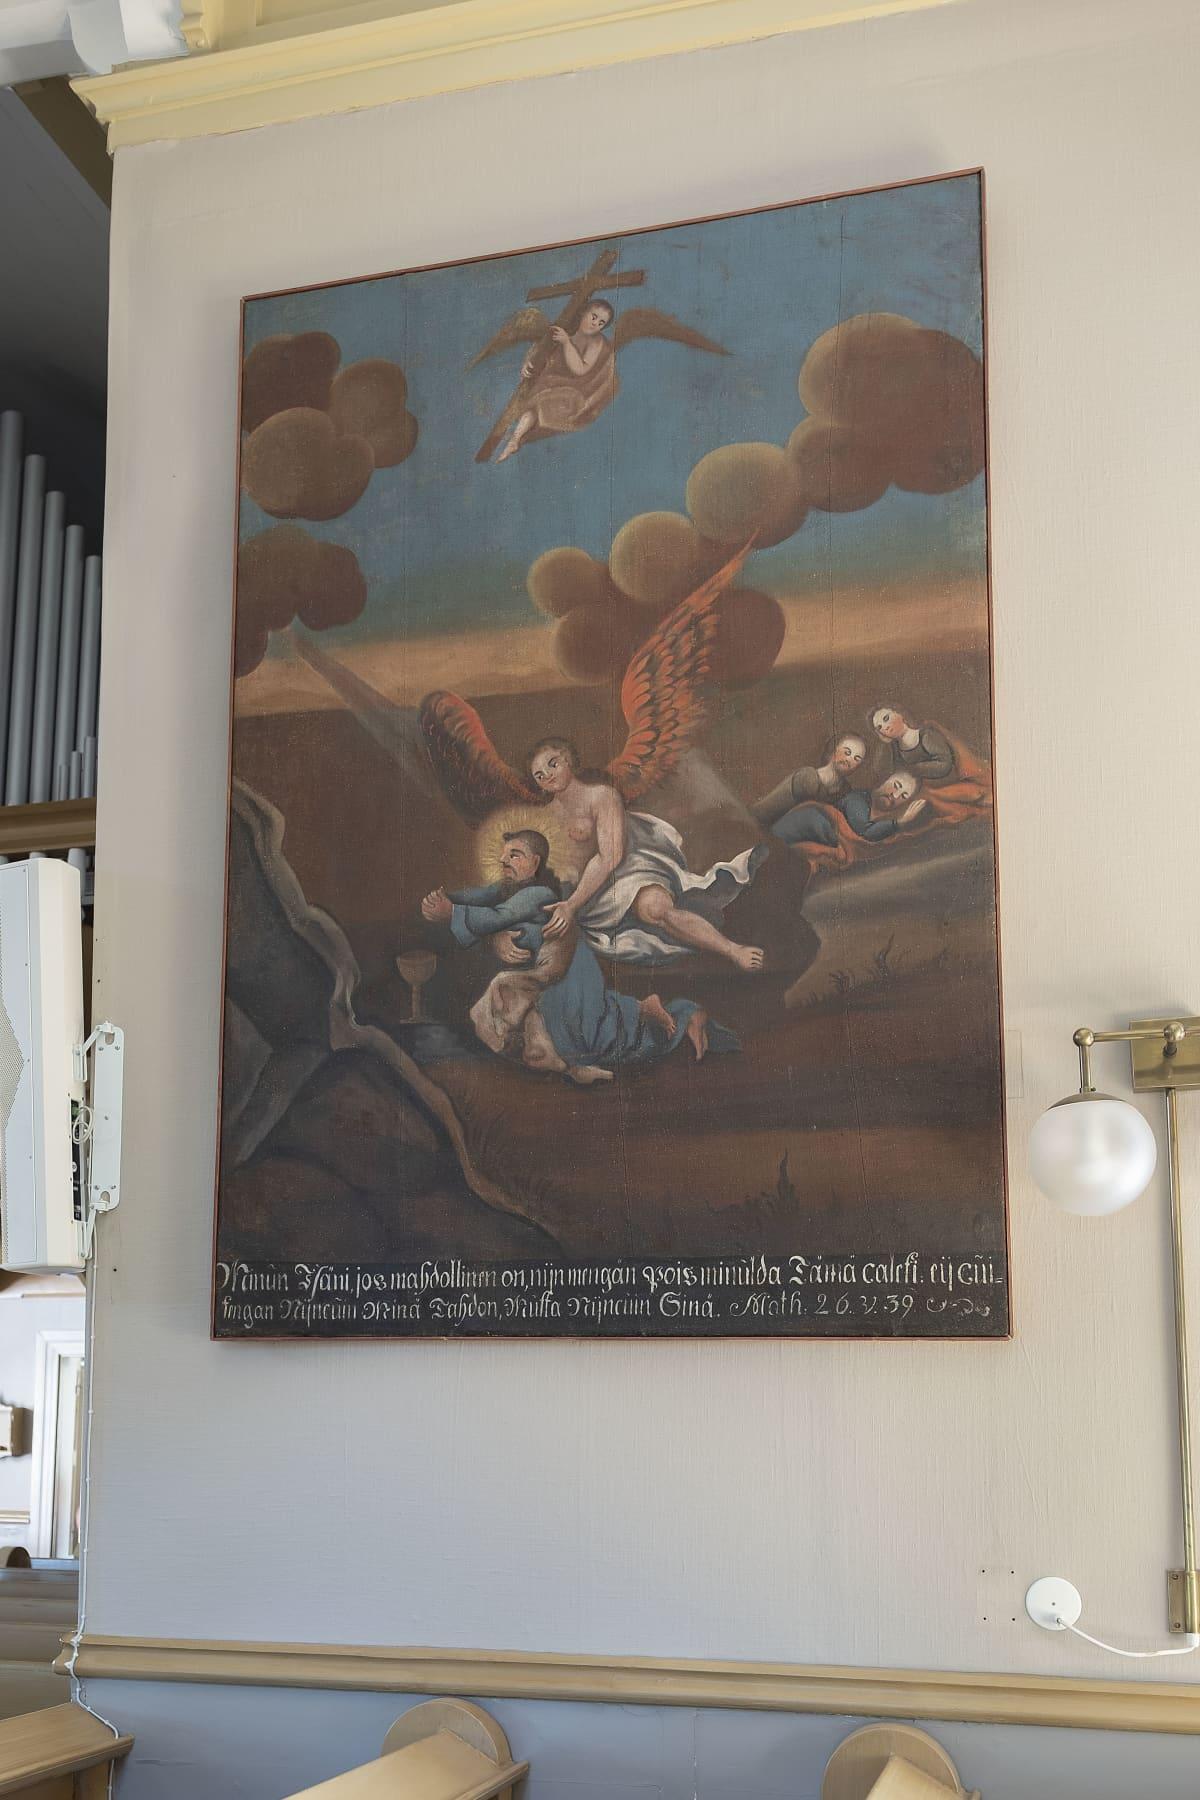 Maalaus Kustavin kirkon seinällä. Enkeleitä ja ihmisiä.